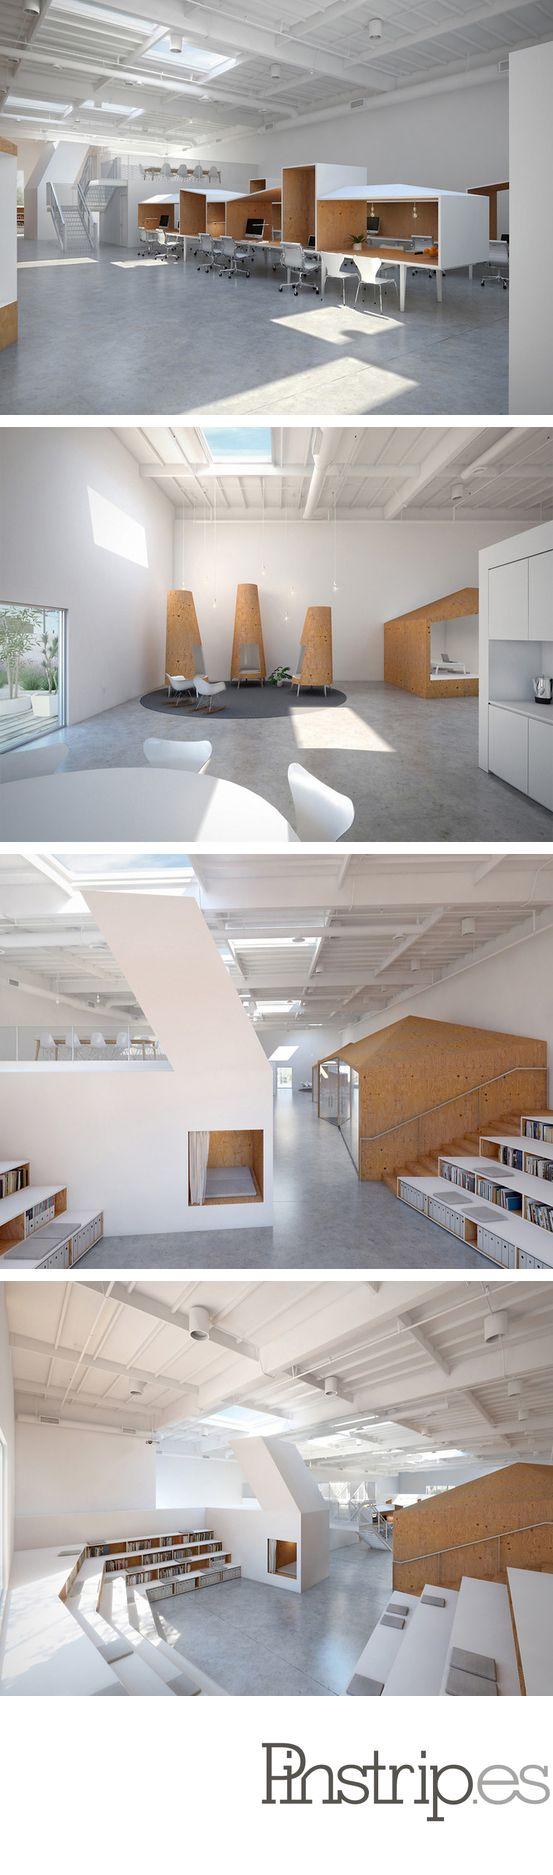 J'aime l'amphithéâtre bibliothèque.